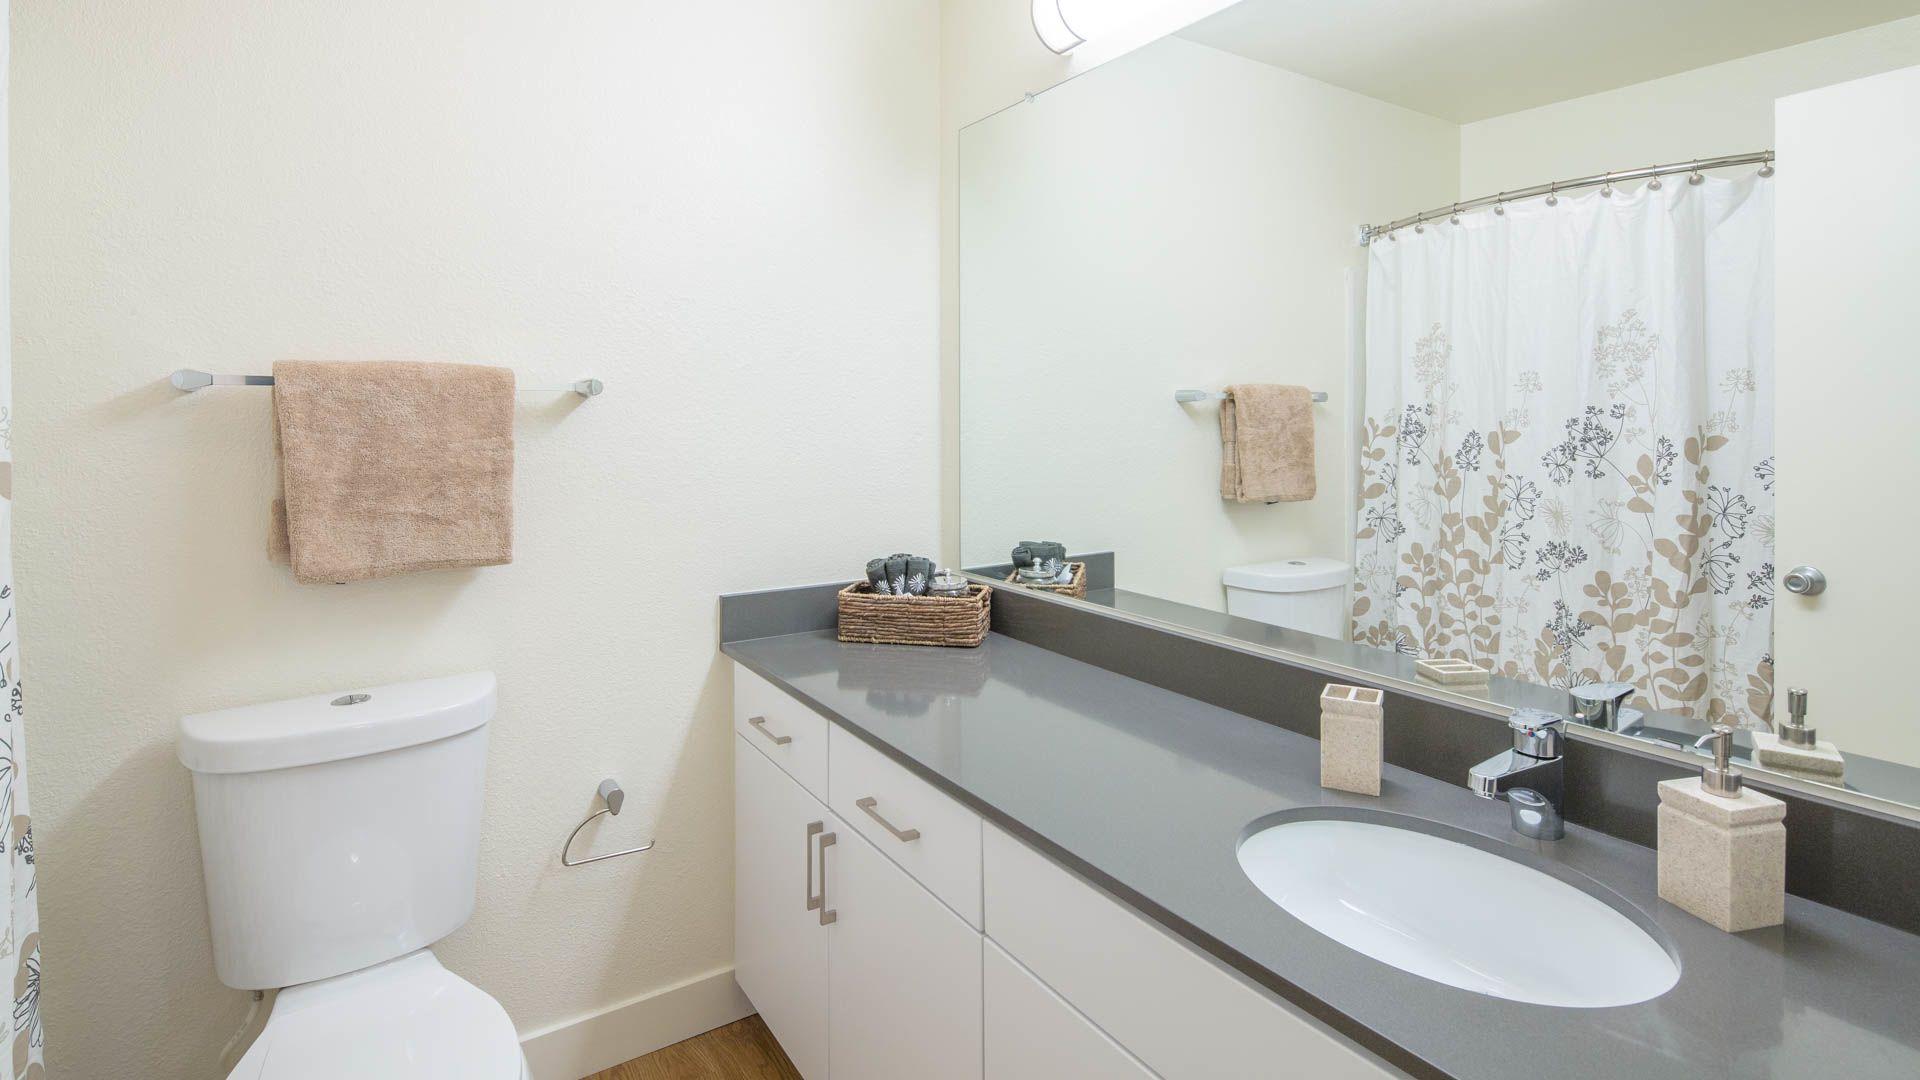 Bathroom Fixtures Redwood City riva terra apartments at redwood shores - redwood city - 850 davit